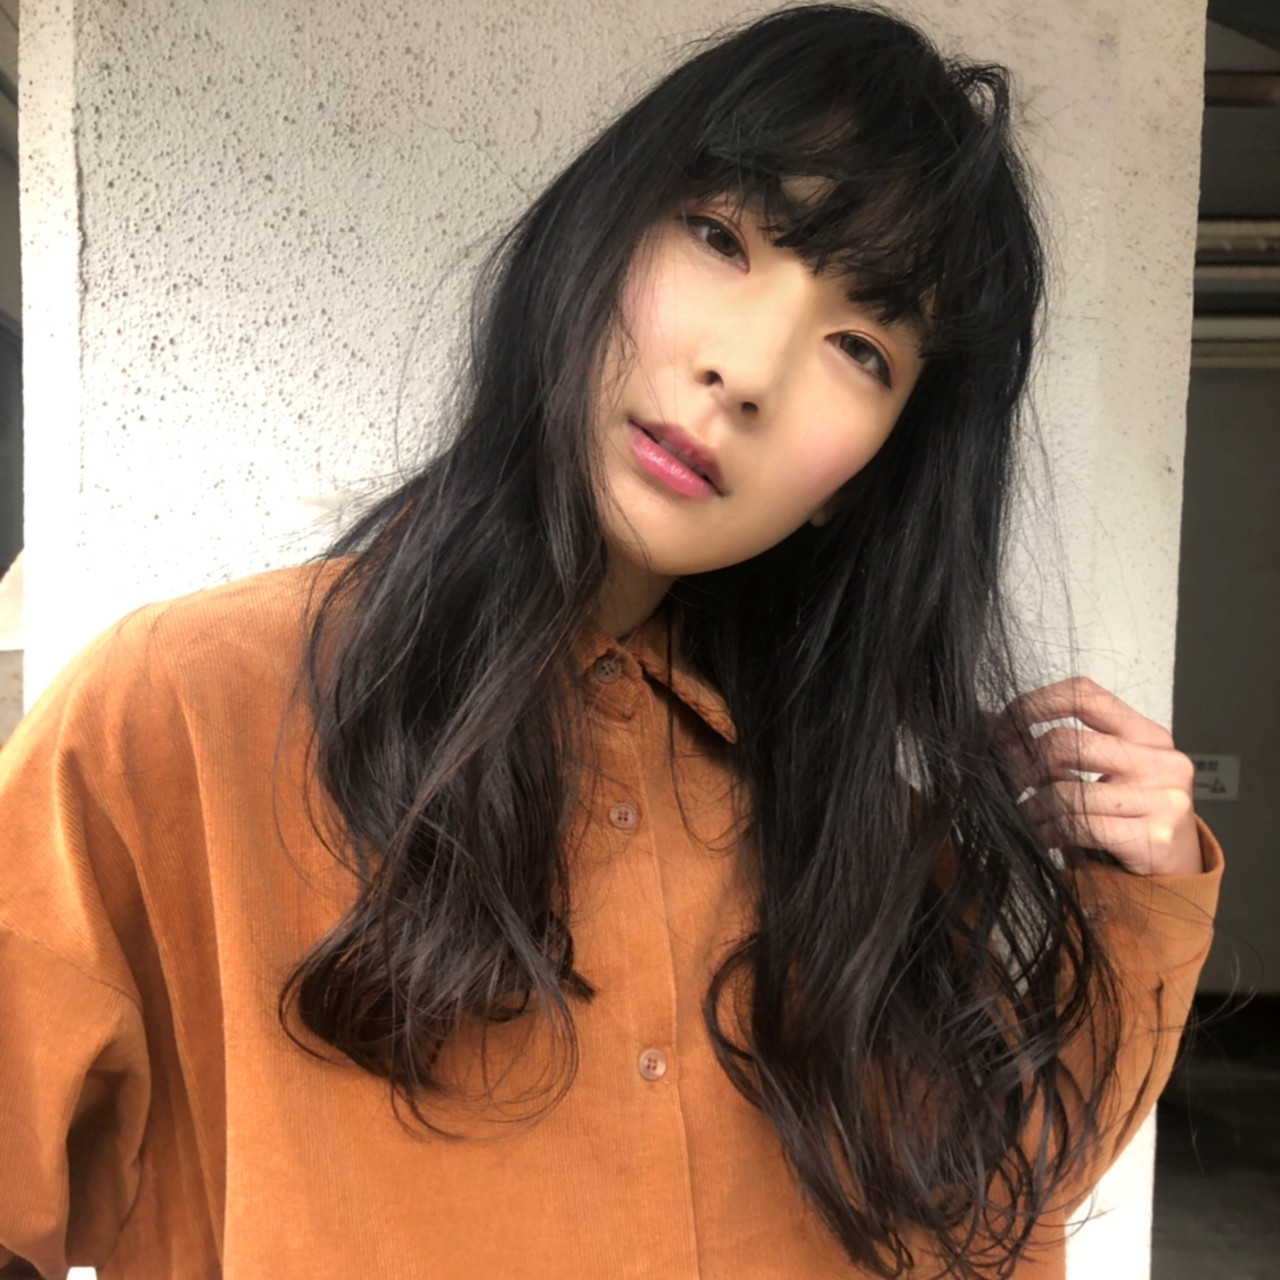 無造作につくって☆大人女性のゆるっとパーマヘア Ninomiya Takashi